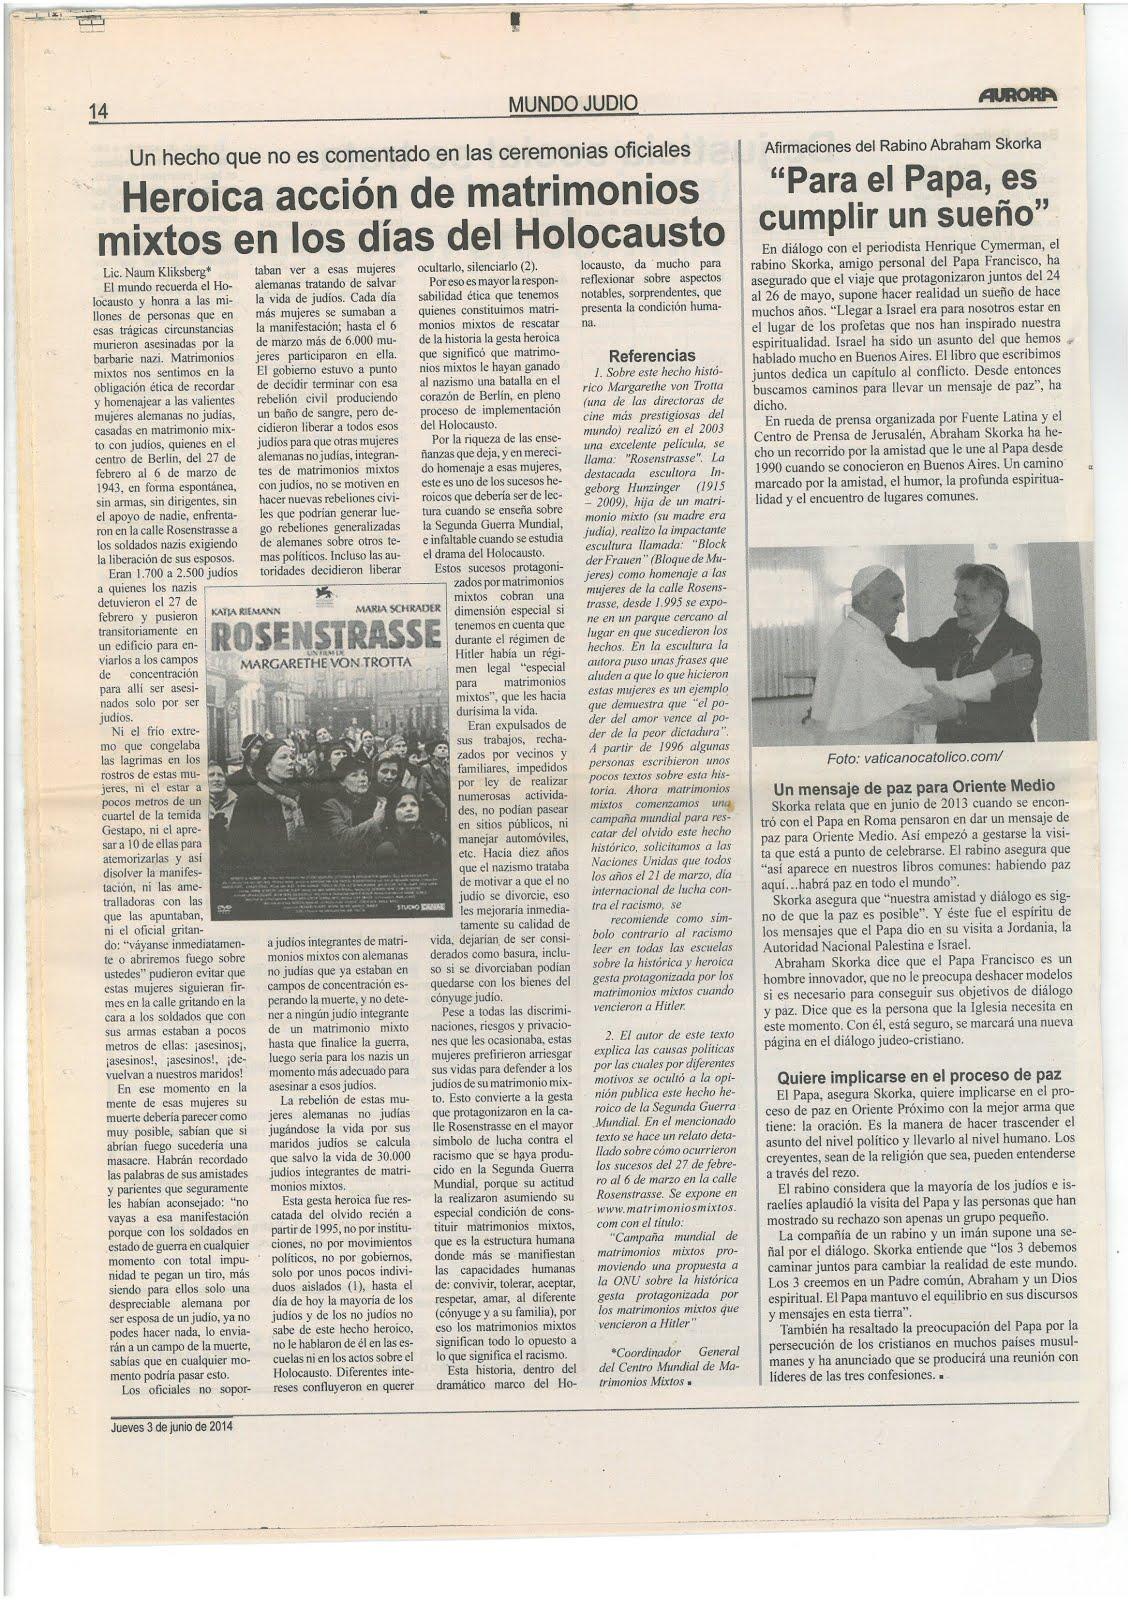 40 - AURORA, Israel.Periódico en papel. El más importante periódico judío en el mundo en idioma